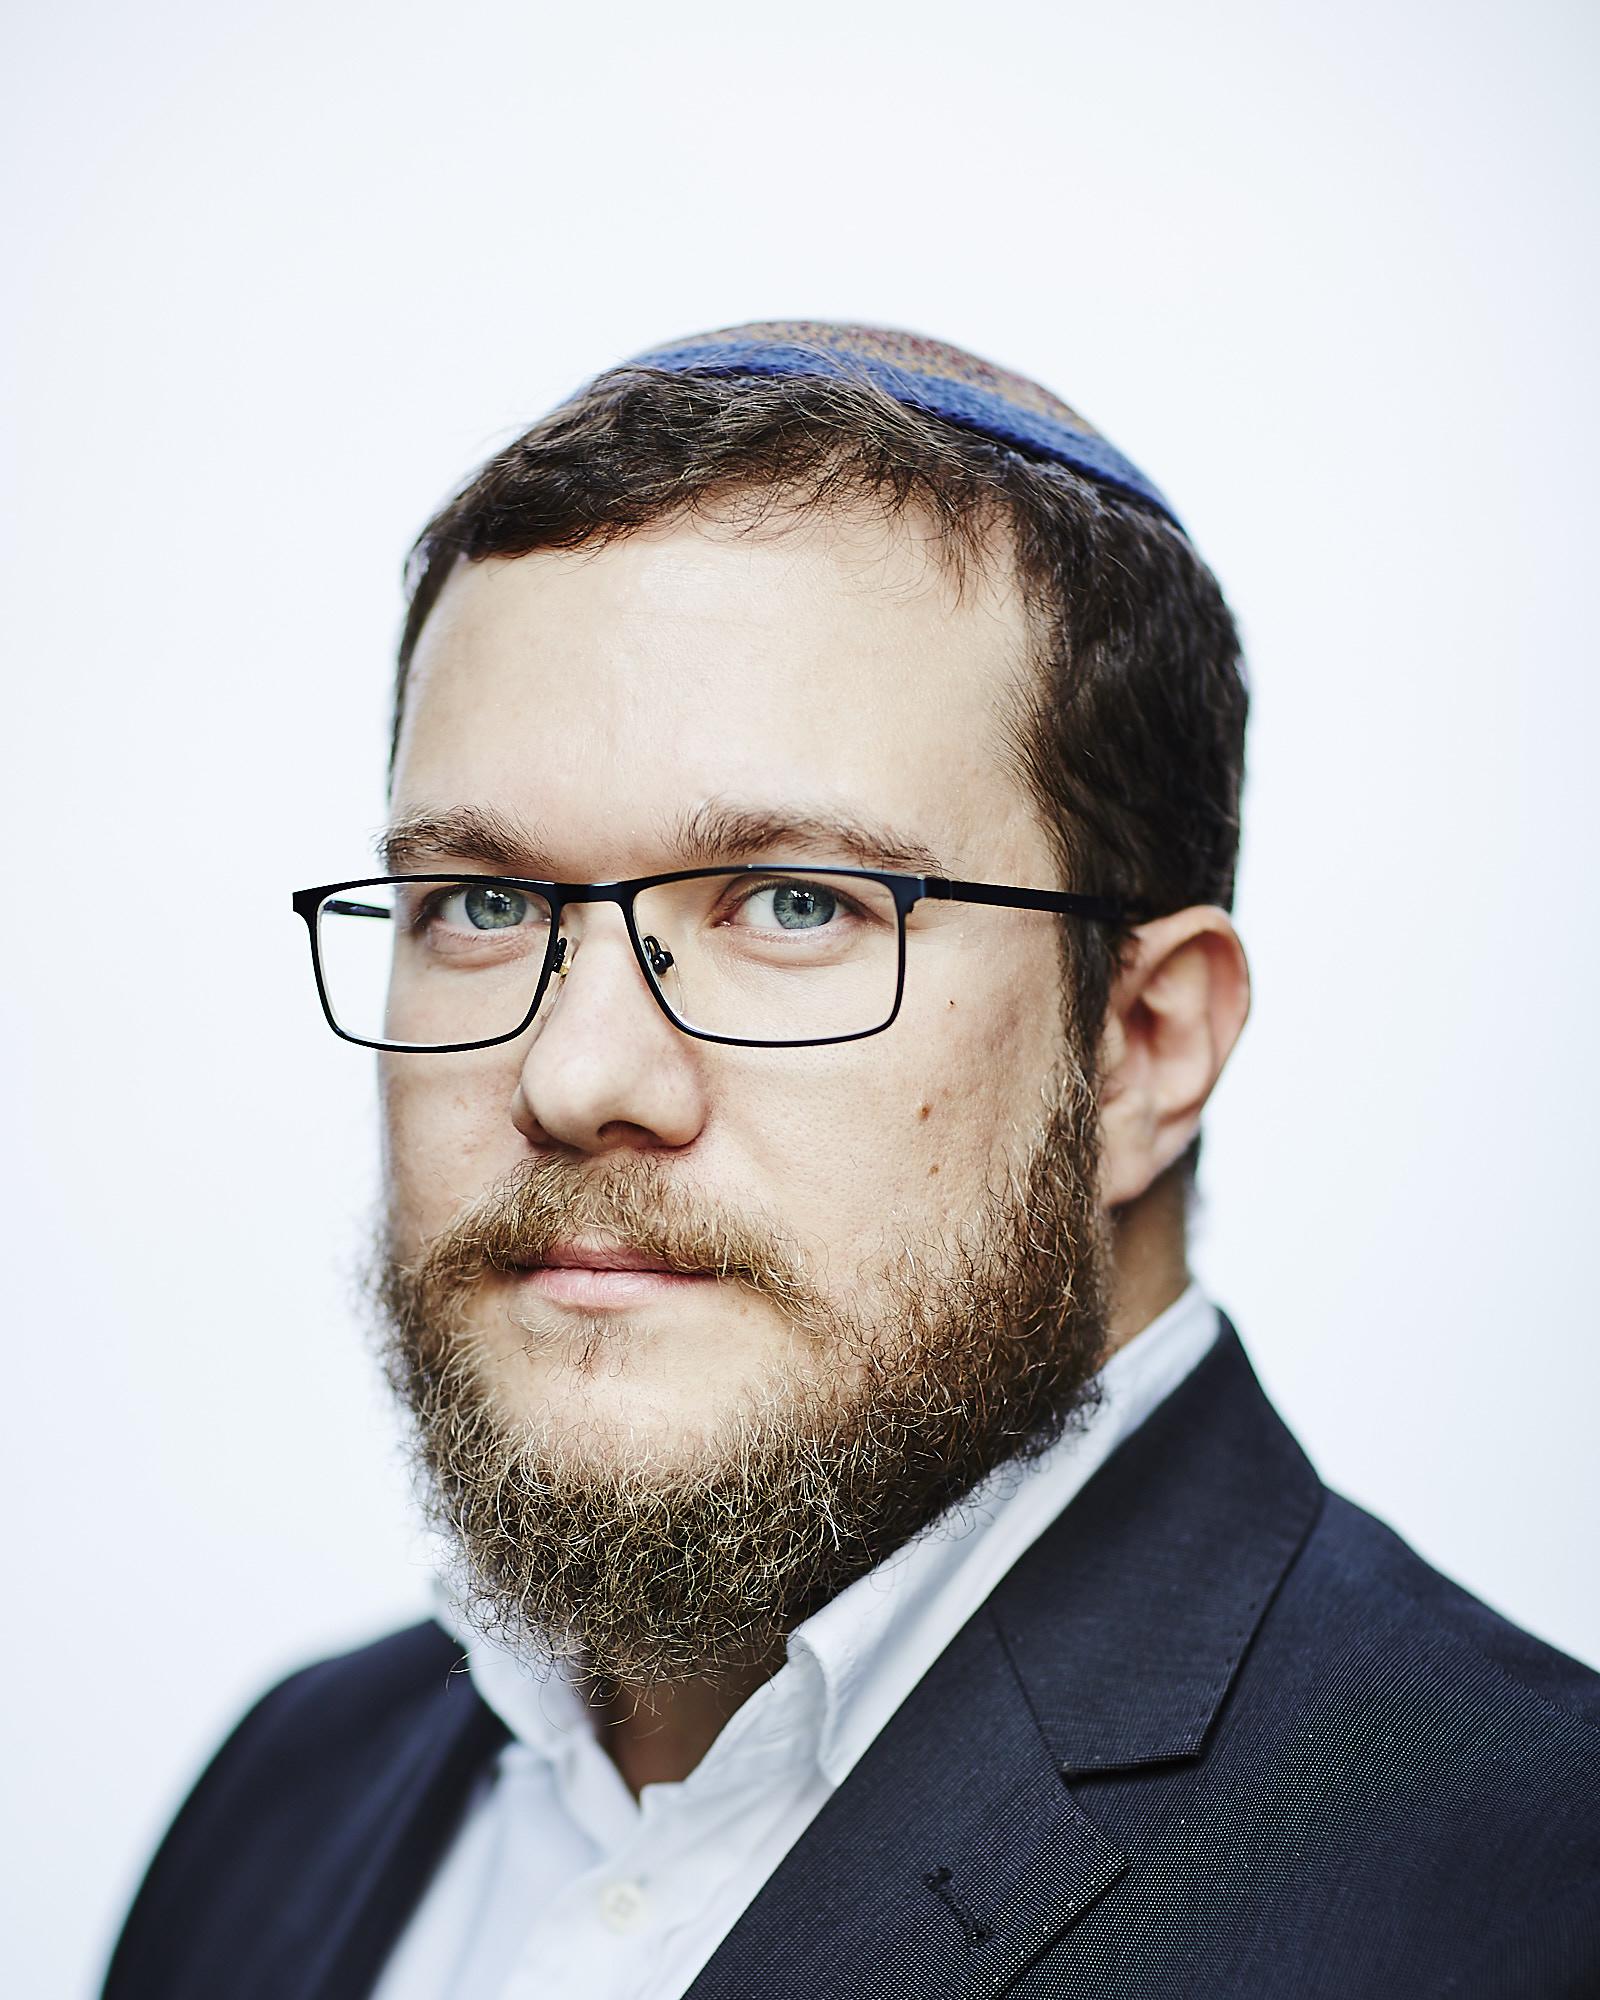 Rabbiner Mendel Muraiti